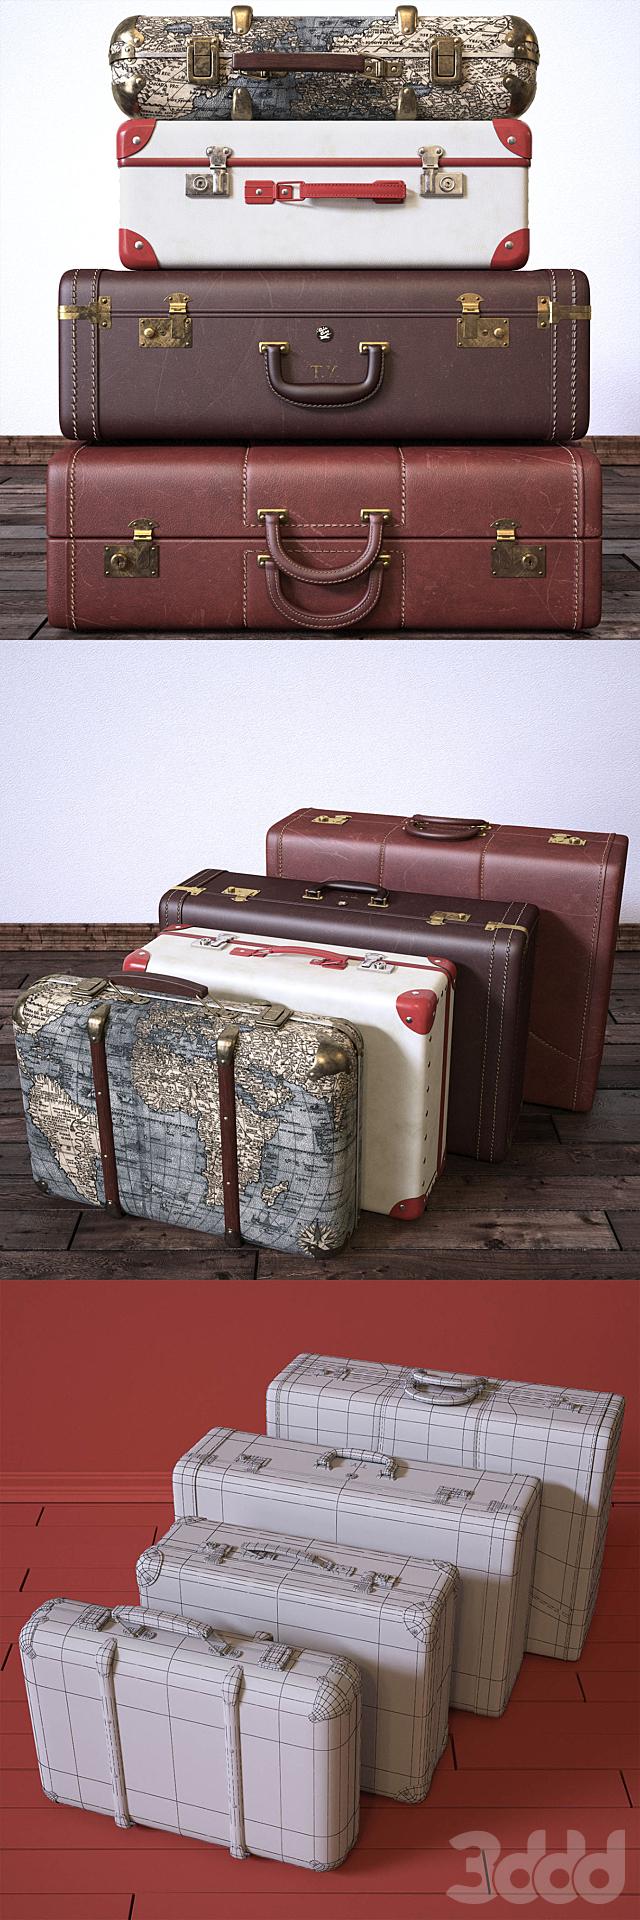 Vintage Fan & Suitcases